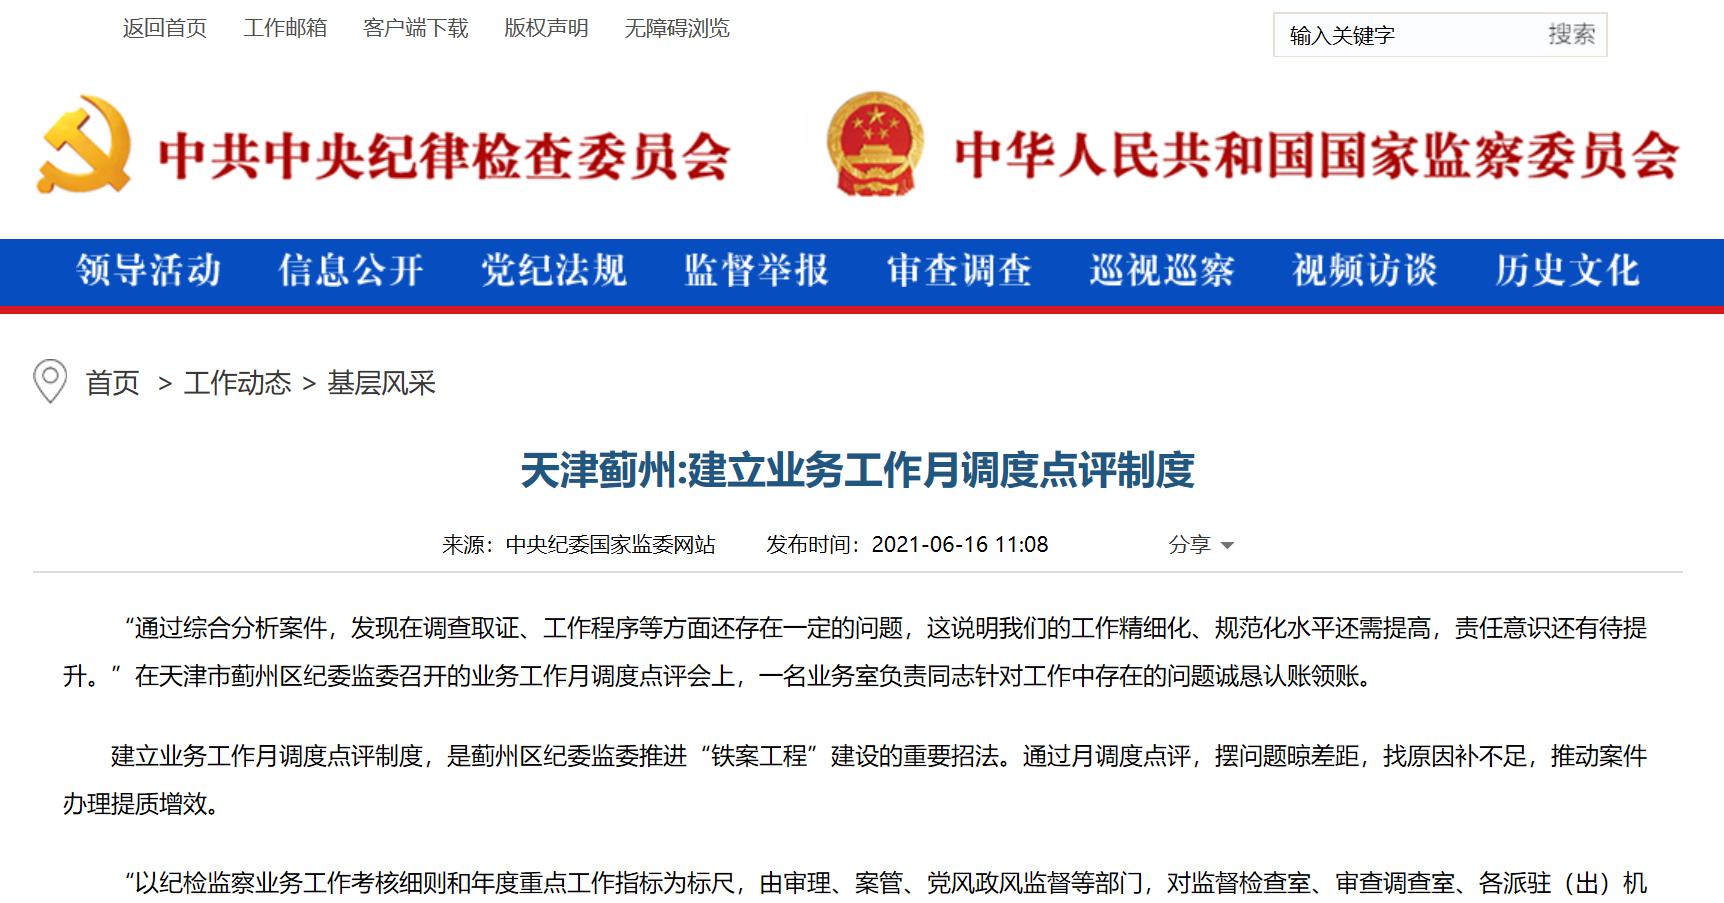 天津薊州:建立業務工作月調度點評制度